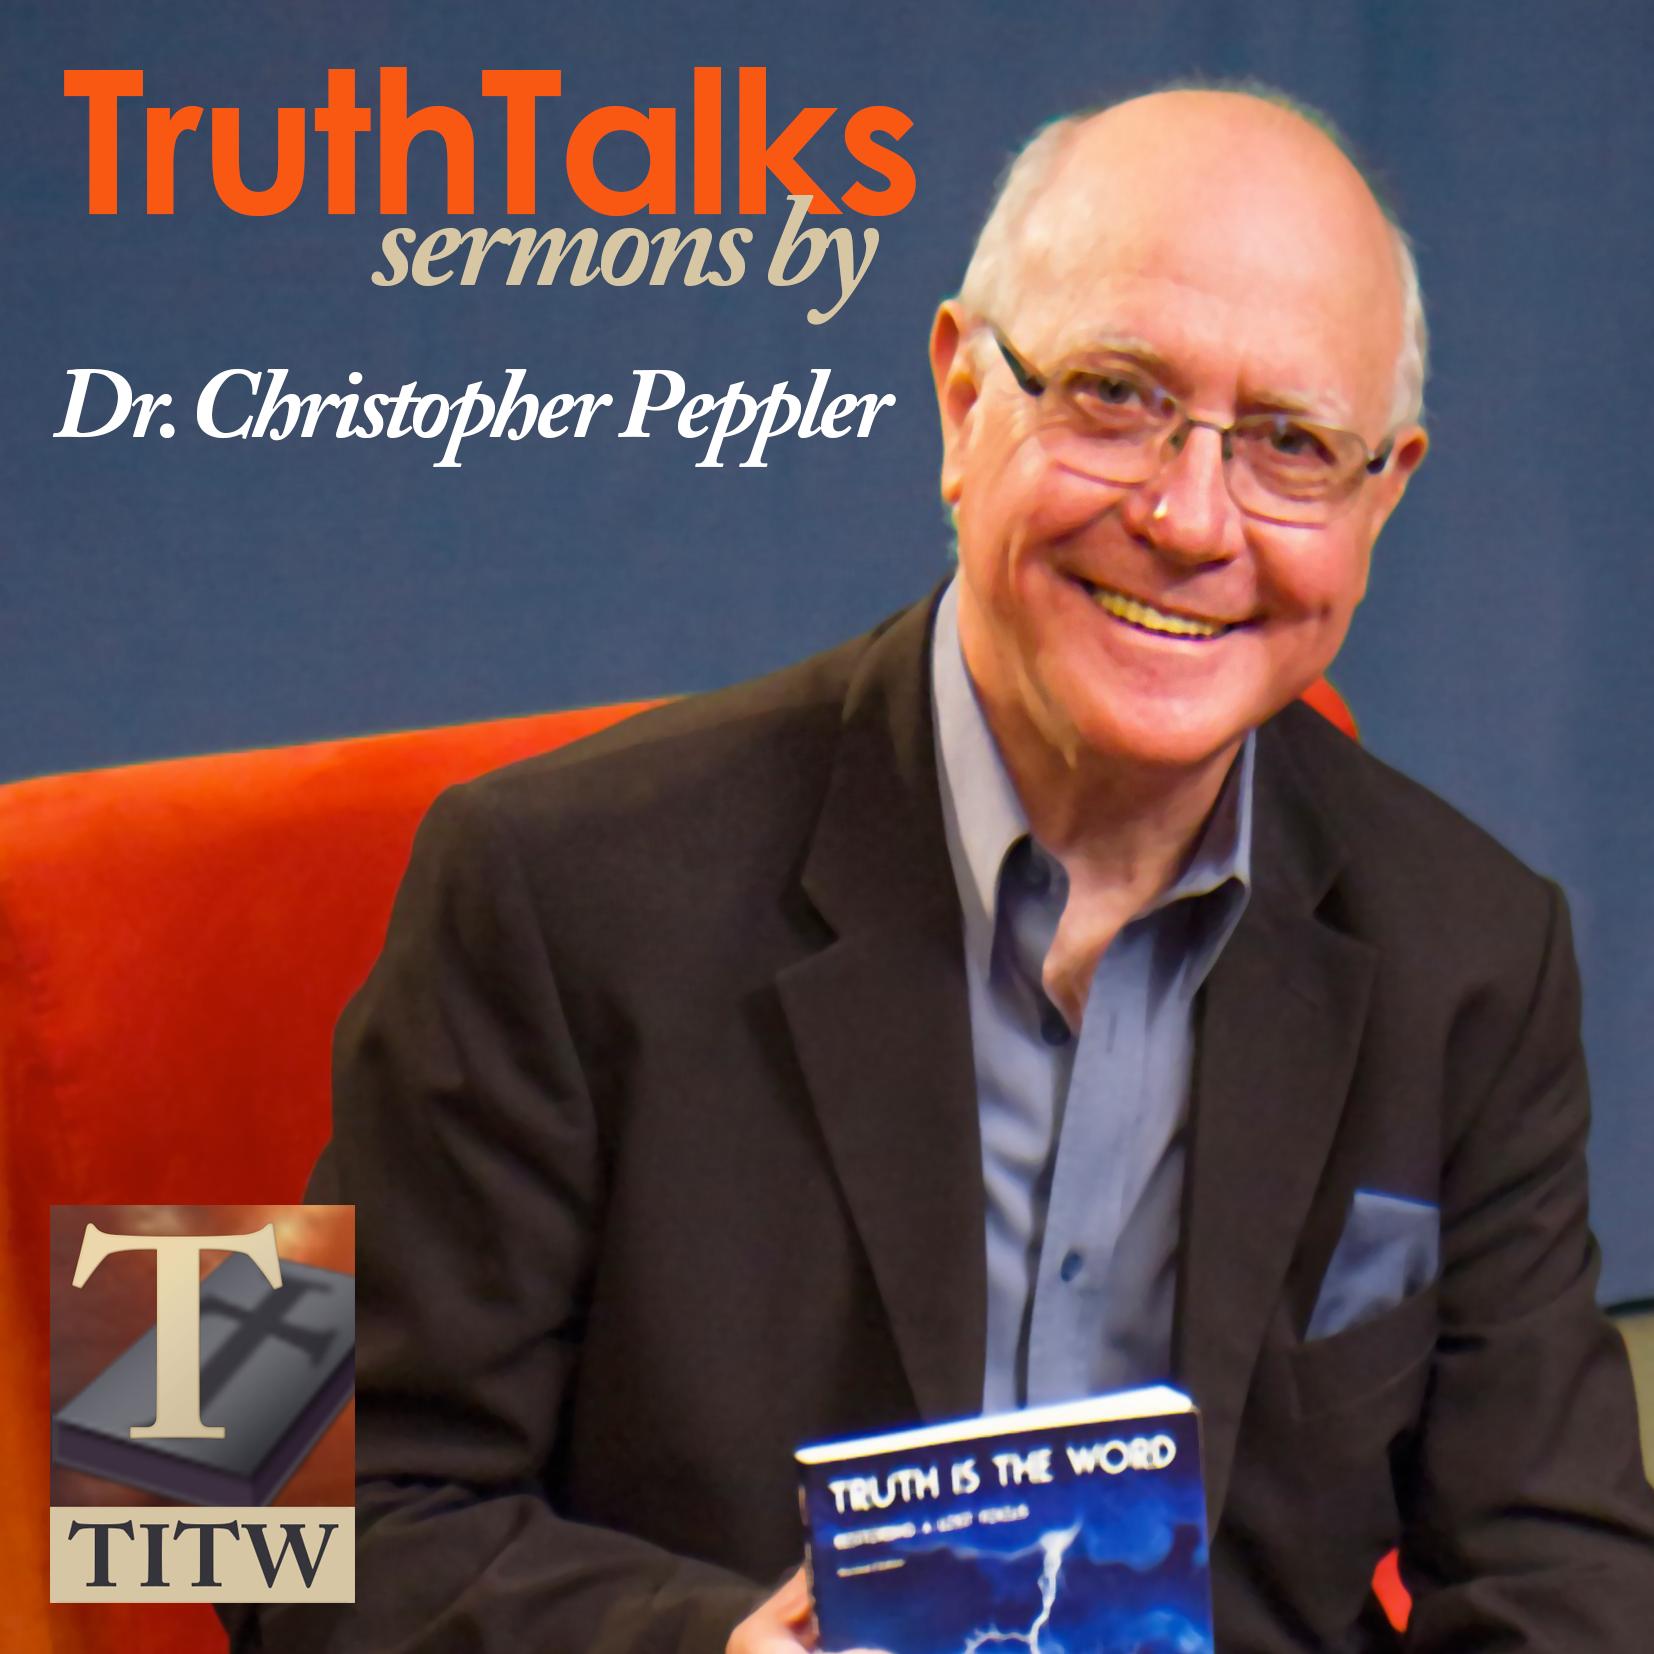 TruthTalks Sermons